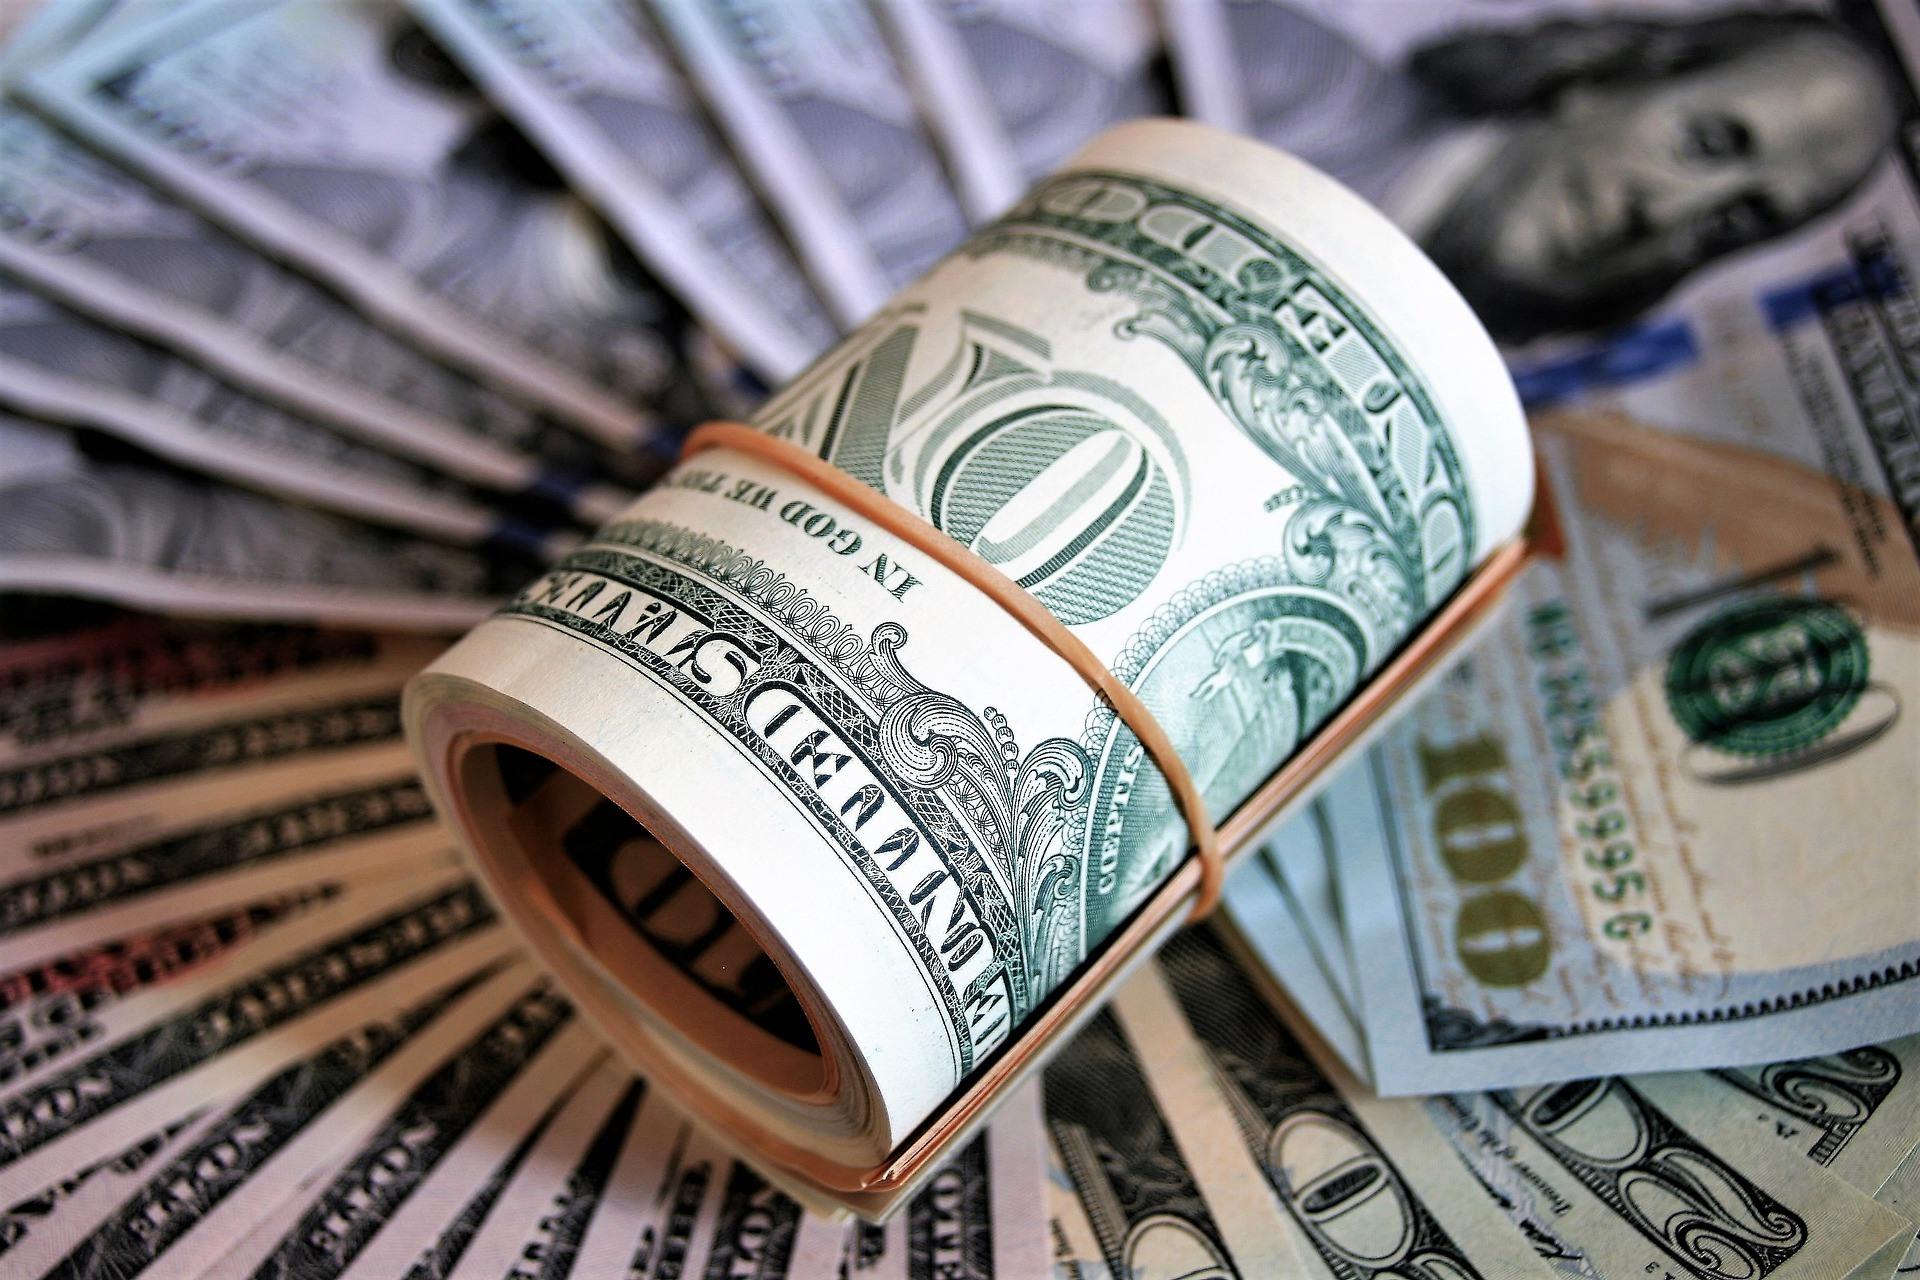 Tỷ giá ngoại tệ 21.3: Ồ ạt mua vào, giá USD chót vót đỉnh 3 năm - giá vàng sjc